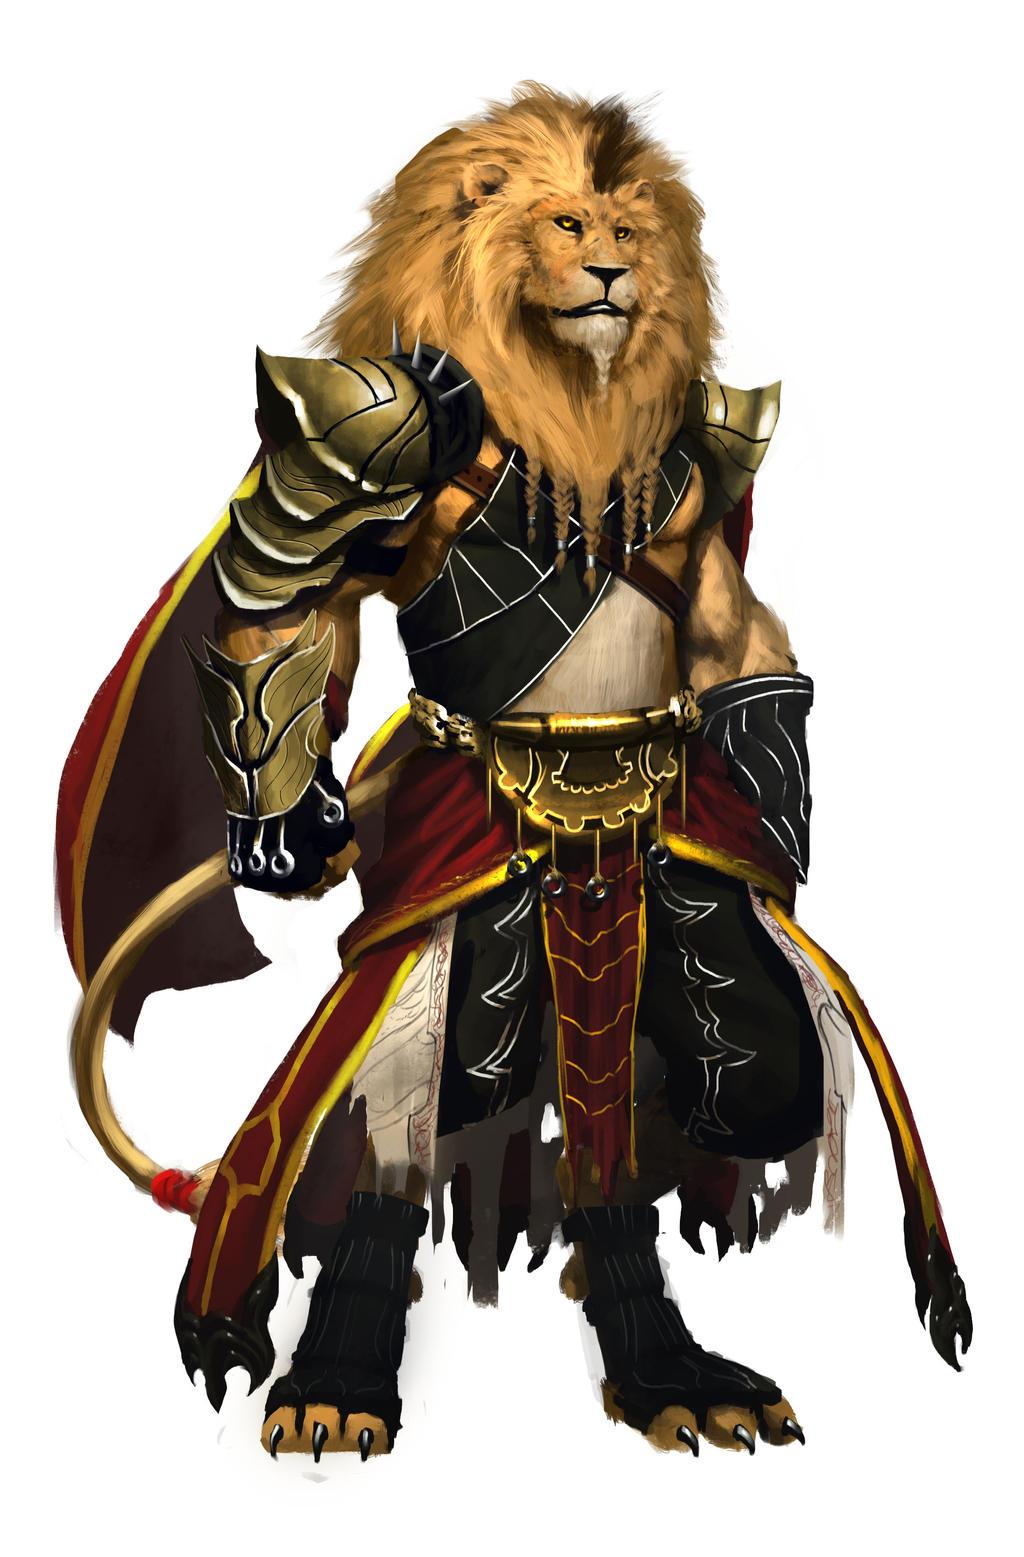 Anime Lion Warrior Lion warrior 1 by orochi-spawnLion Warrior